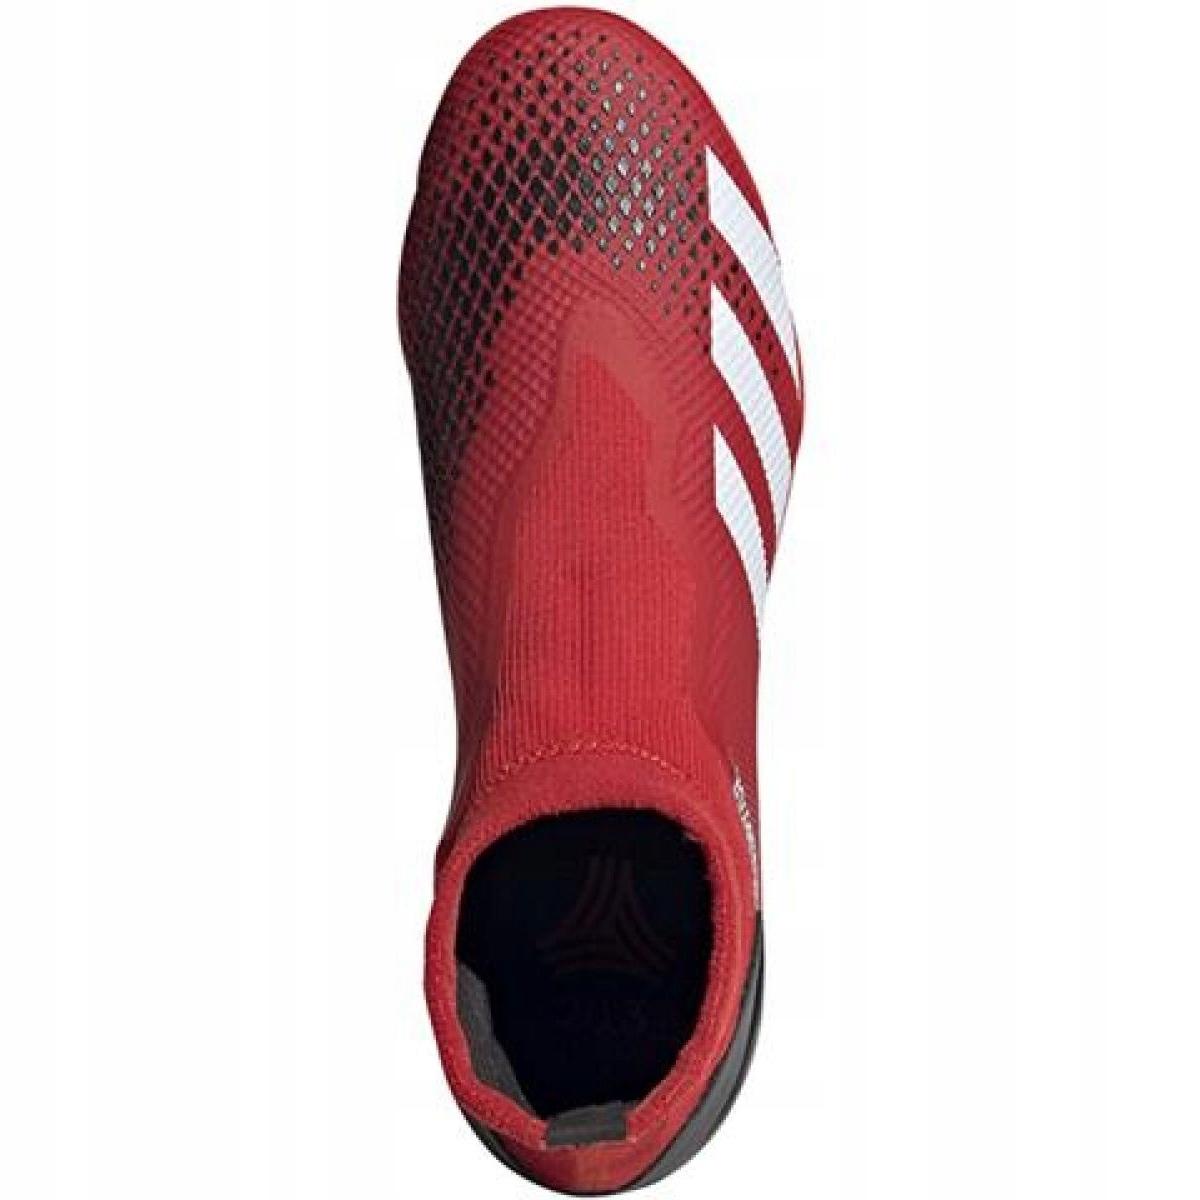 Buty piłkarskie adidas Predator 20.3 Ll Tf M EE9576 czerwone czerwony